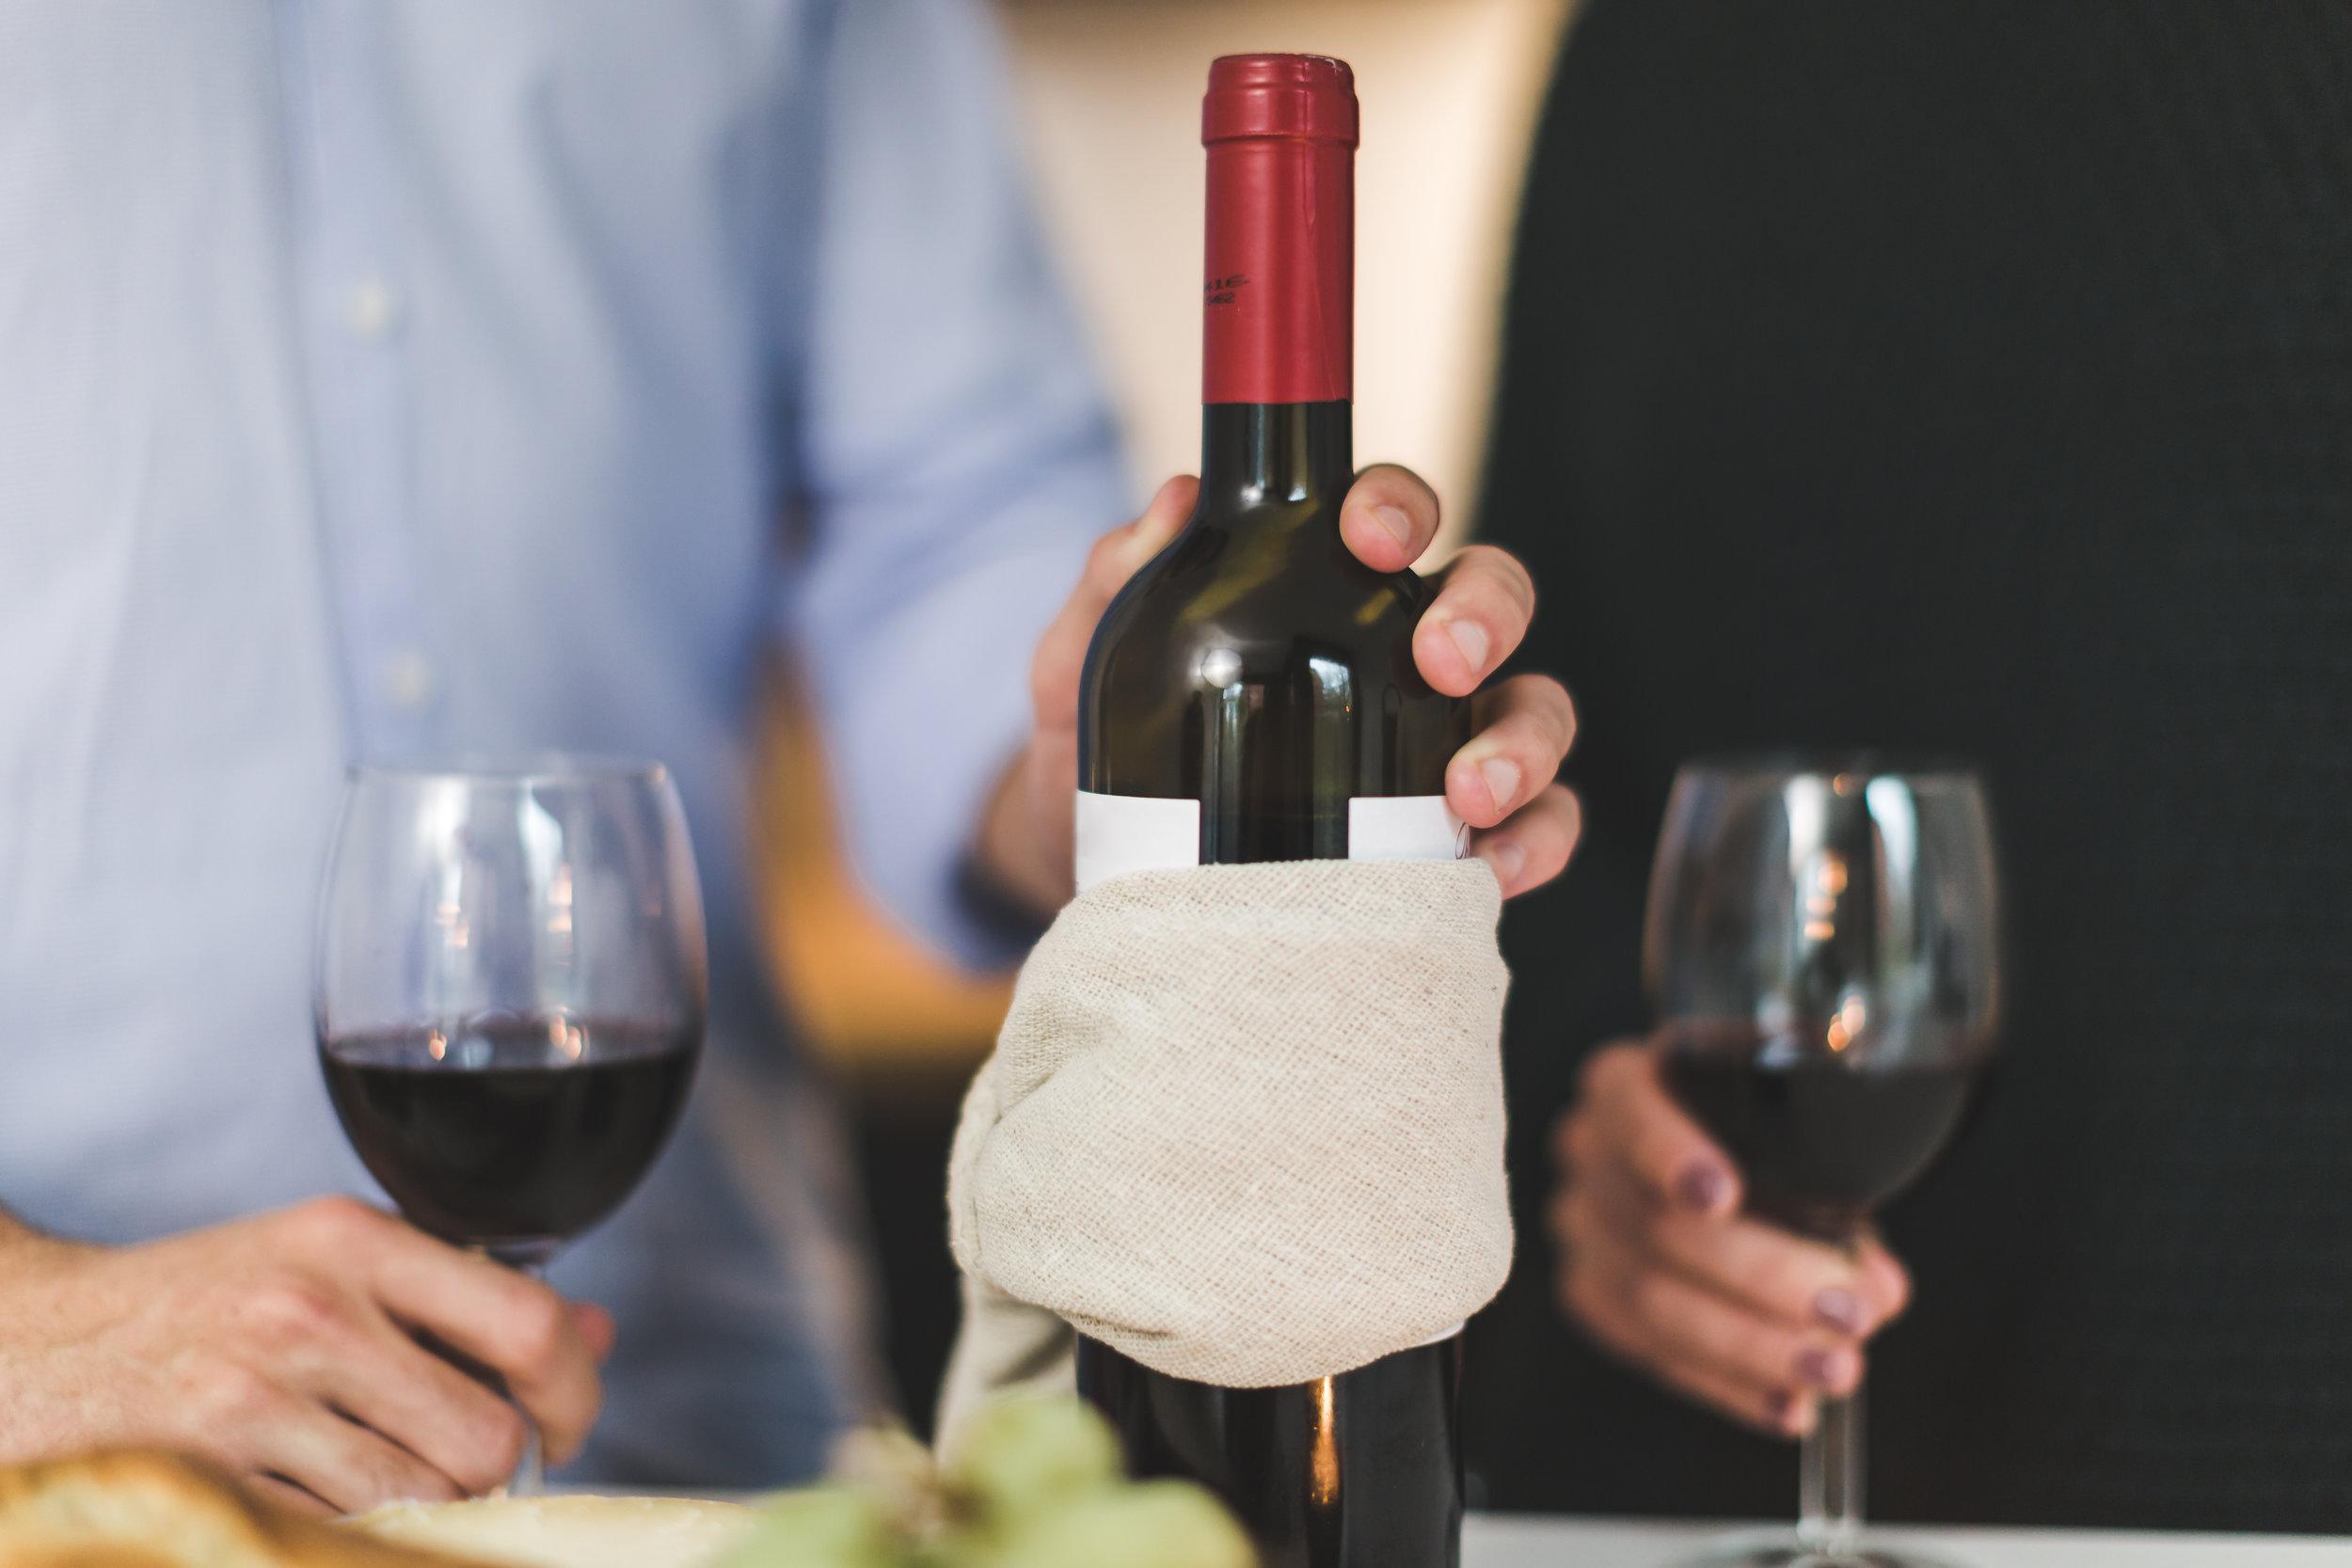 Canva - Man Holding White Labeled Red Wine Bottle Near Wine Glasses.jpg